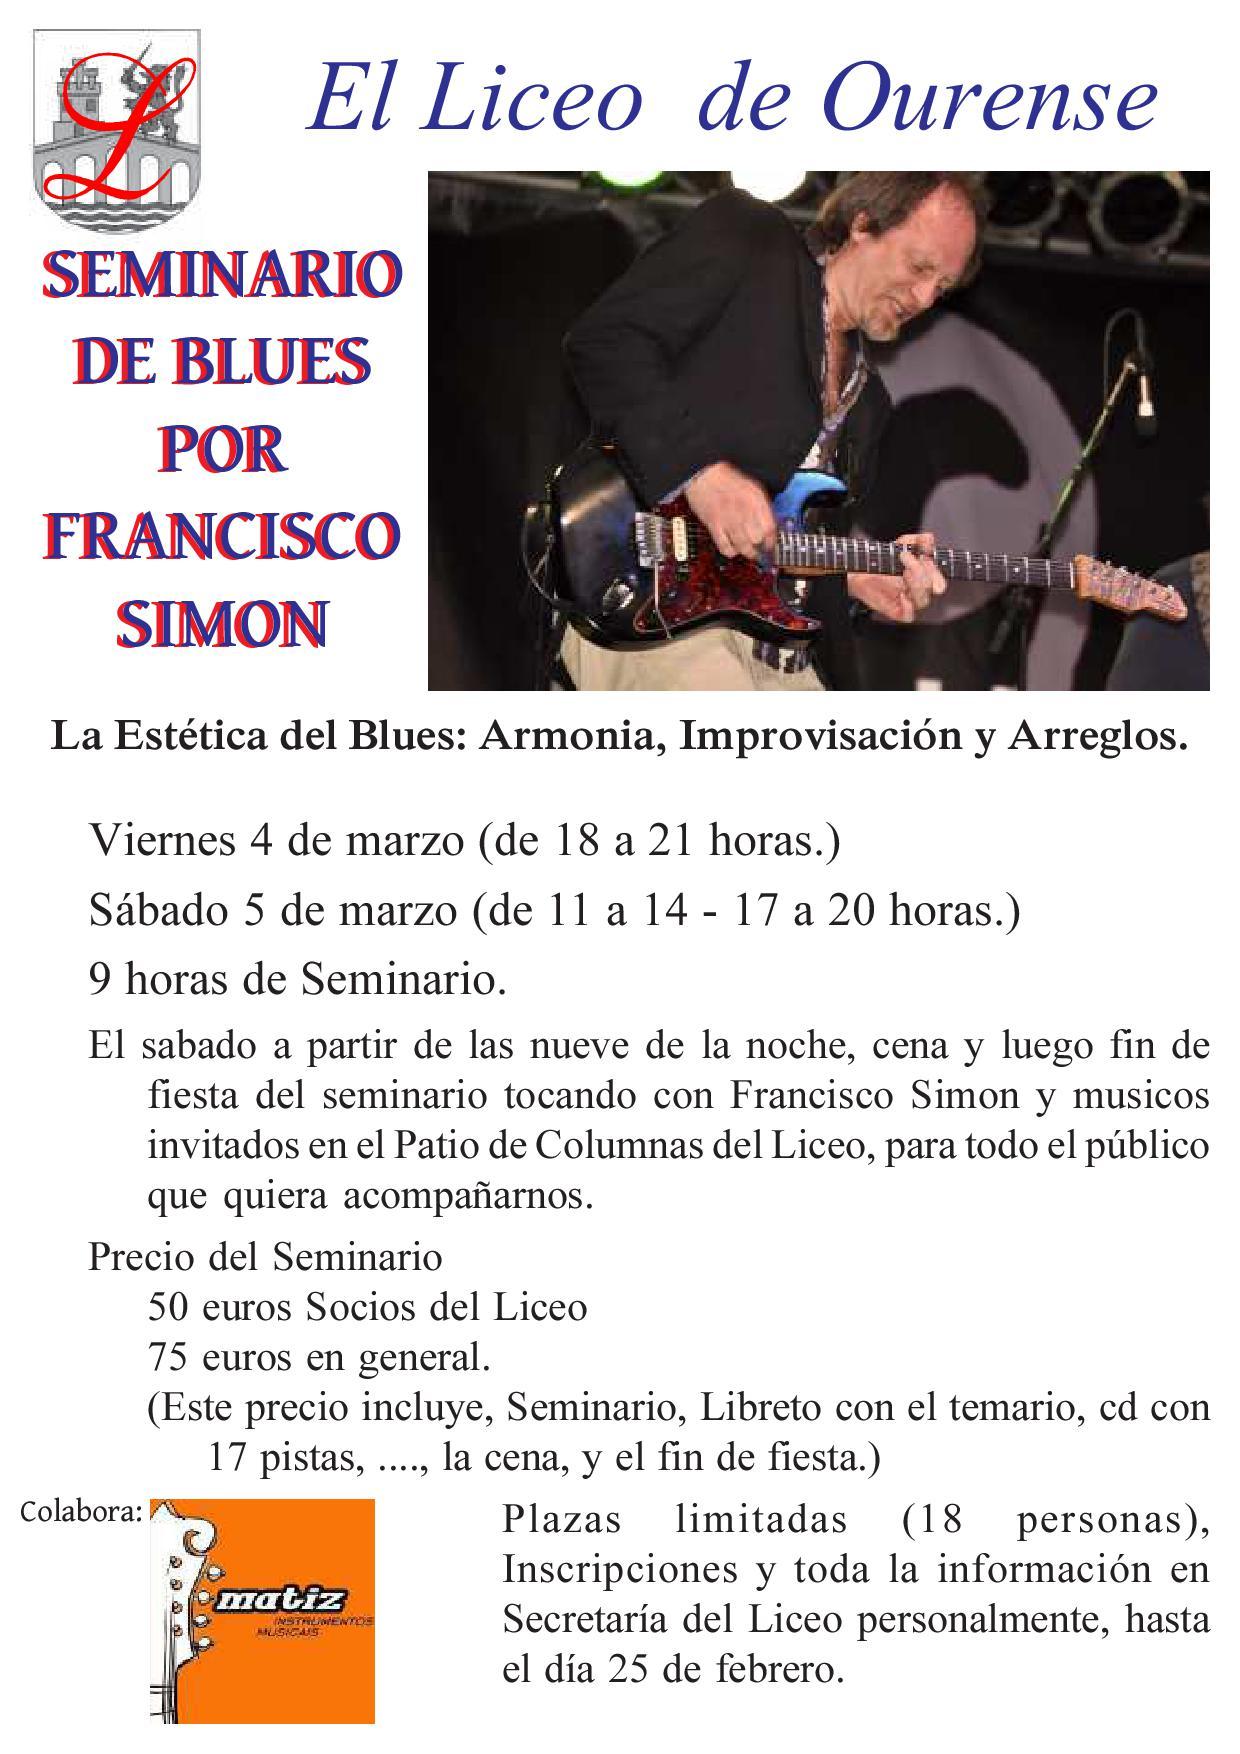 SEMINARIO SIMON